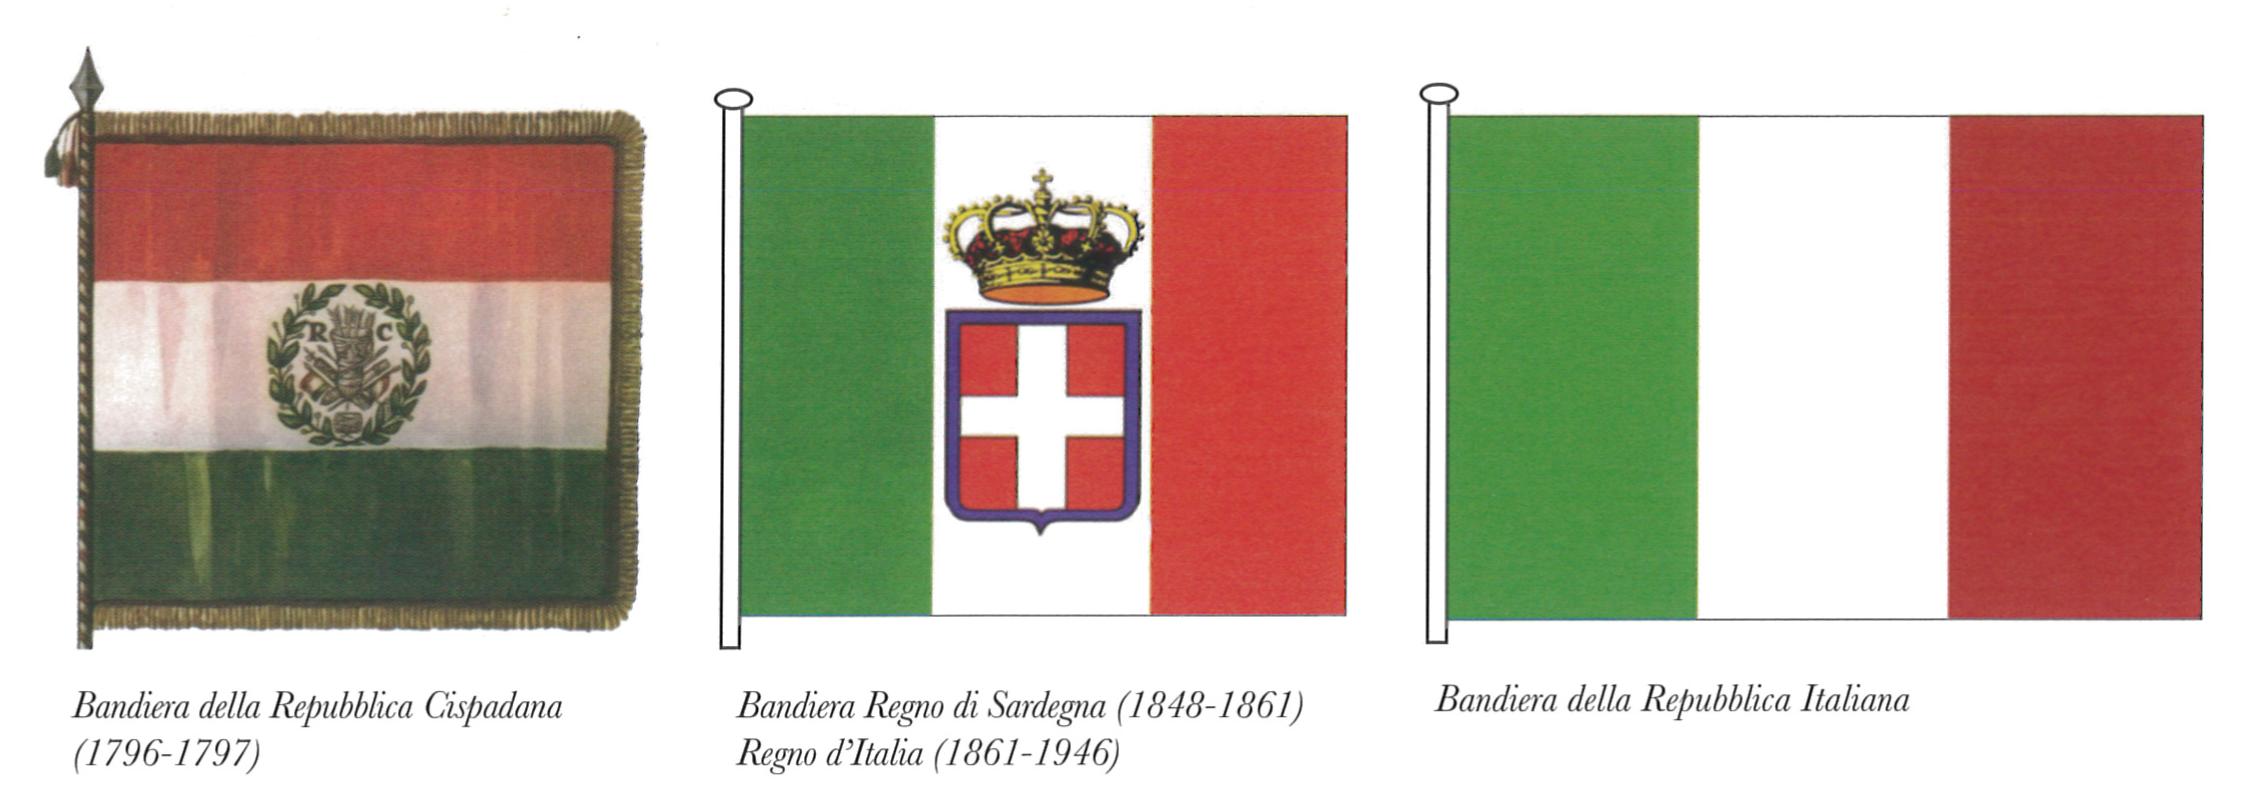 La bandiera nazionale il tricolore italiano u n c i for Bandiera di guerra italiana